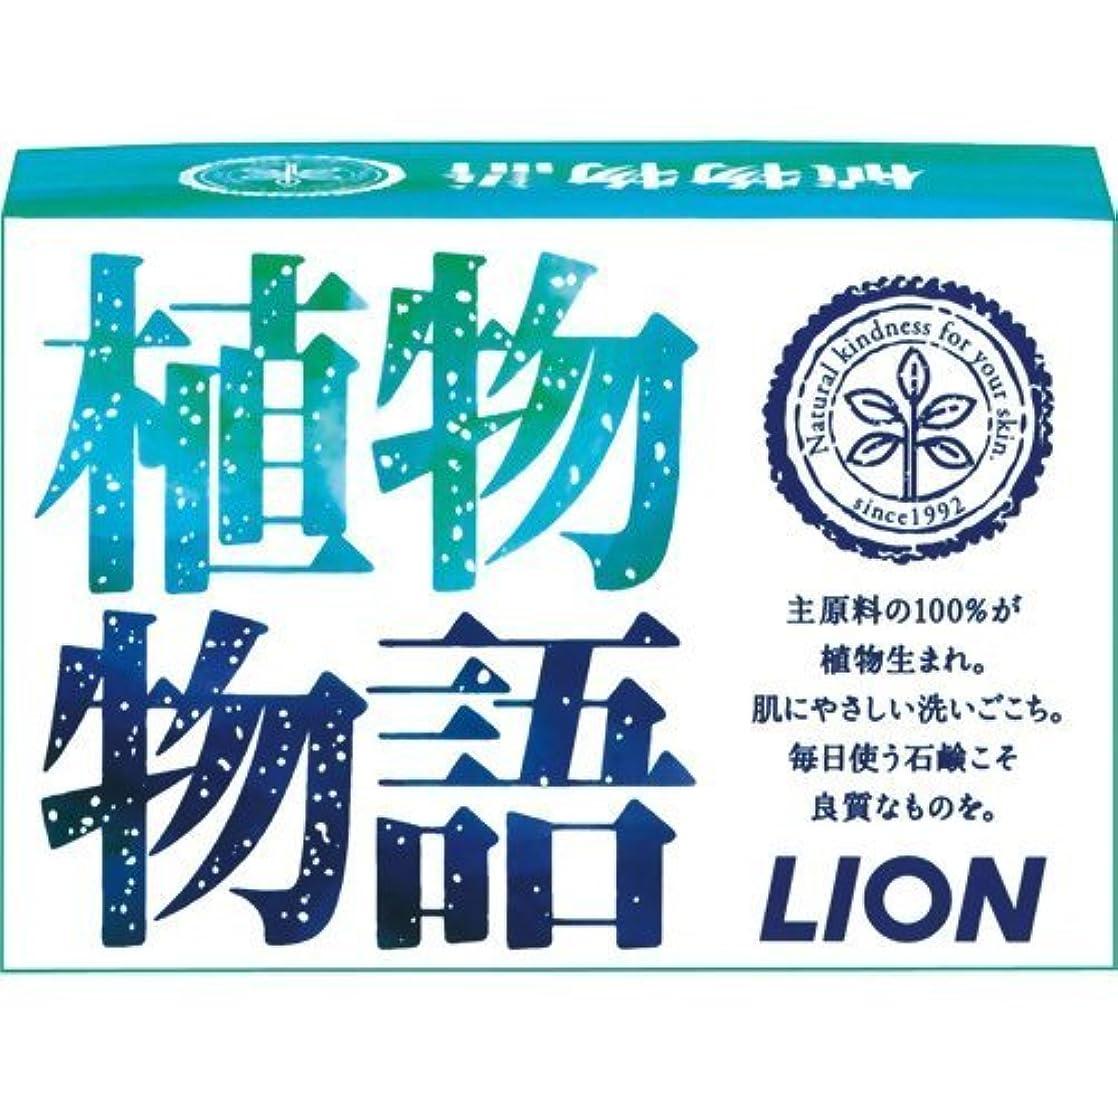 彼らのものブレーキ宇宙ライオン 植物物語 化粧石鹸  1個